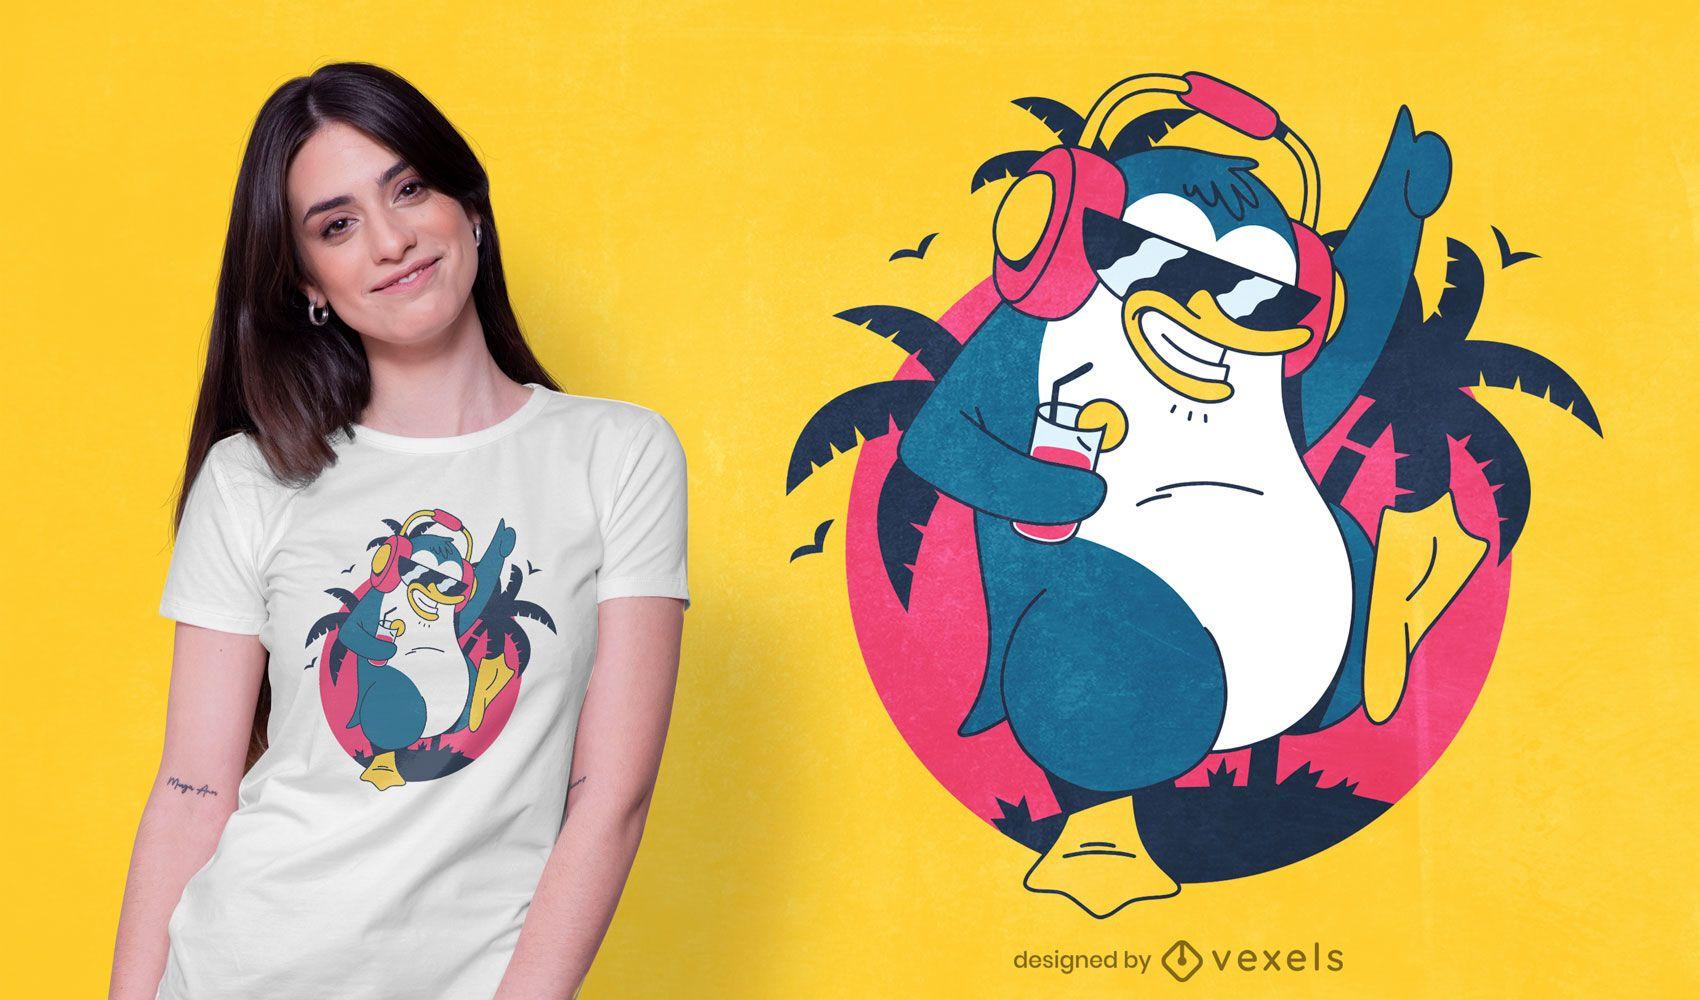 Dancing tropical penguin t-shirt design